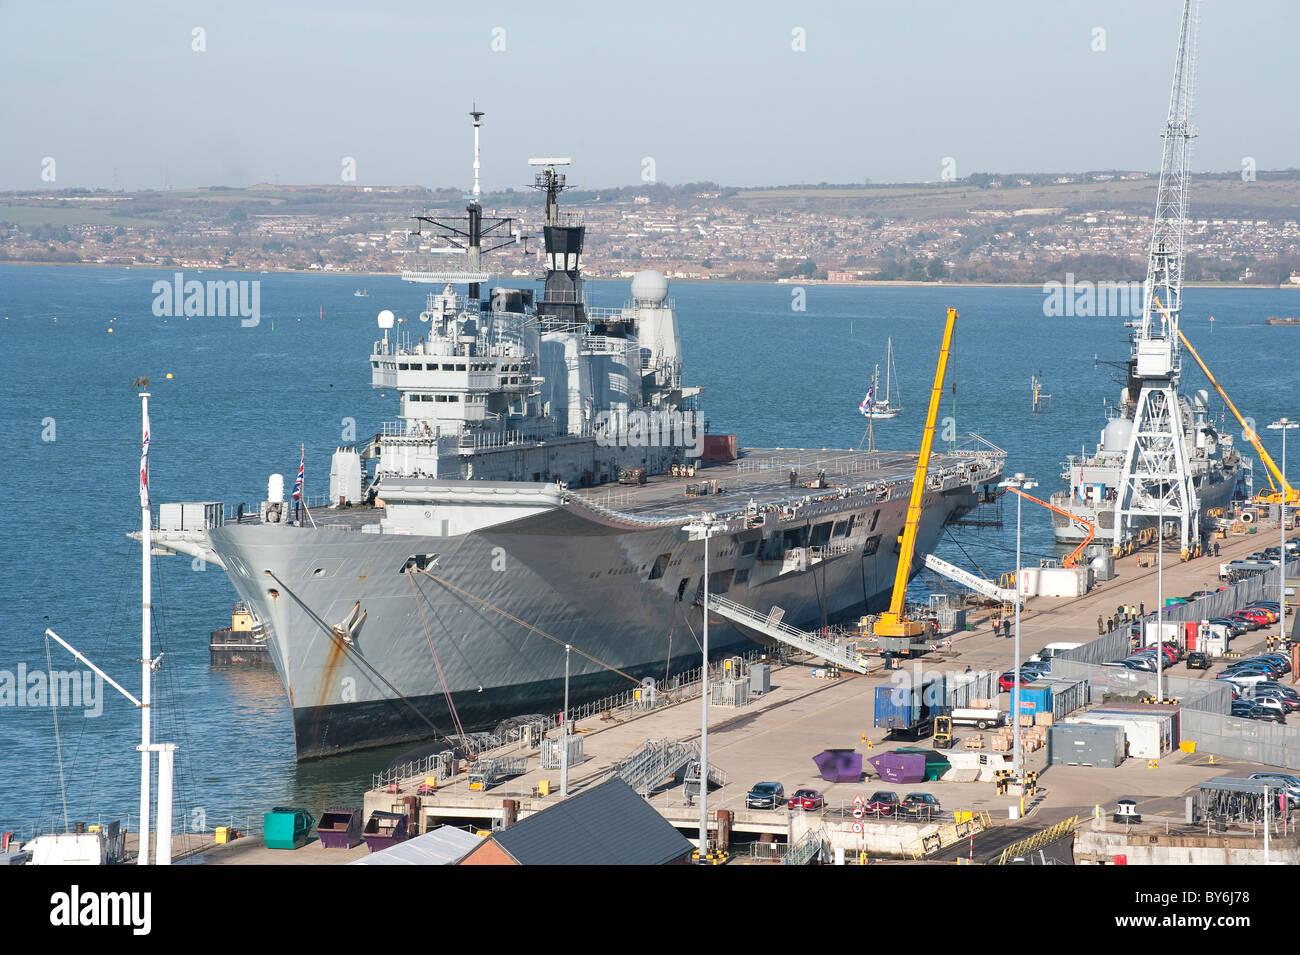 HMS Ark Royal in Portsmouth Royal Dockyard - Stock Image